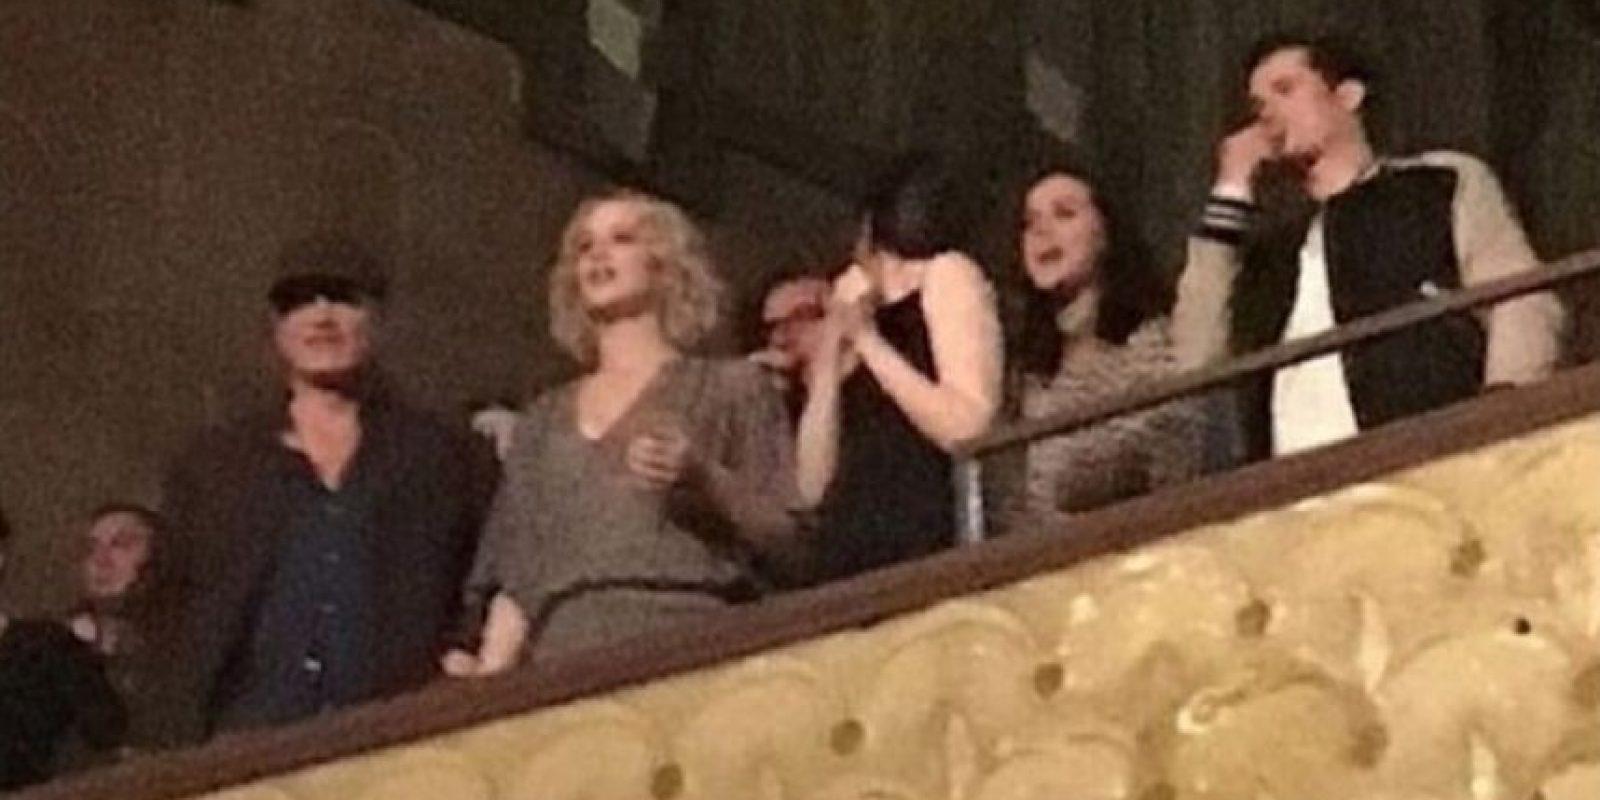 En febrero de este año acudieron juntos a un concierto de Adele en Los Ángeles. Foto:Grosby Group